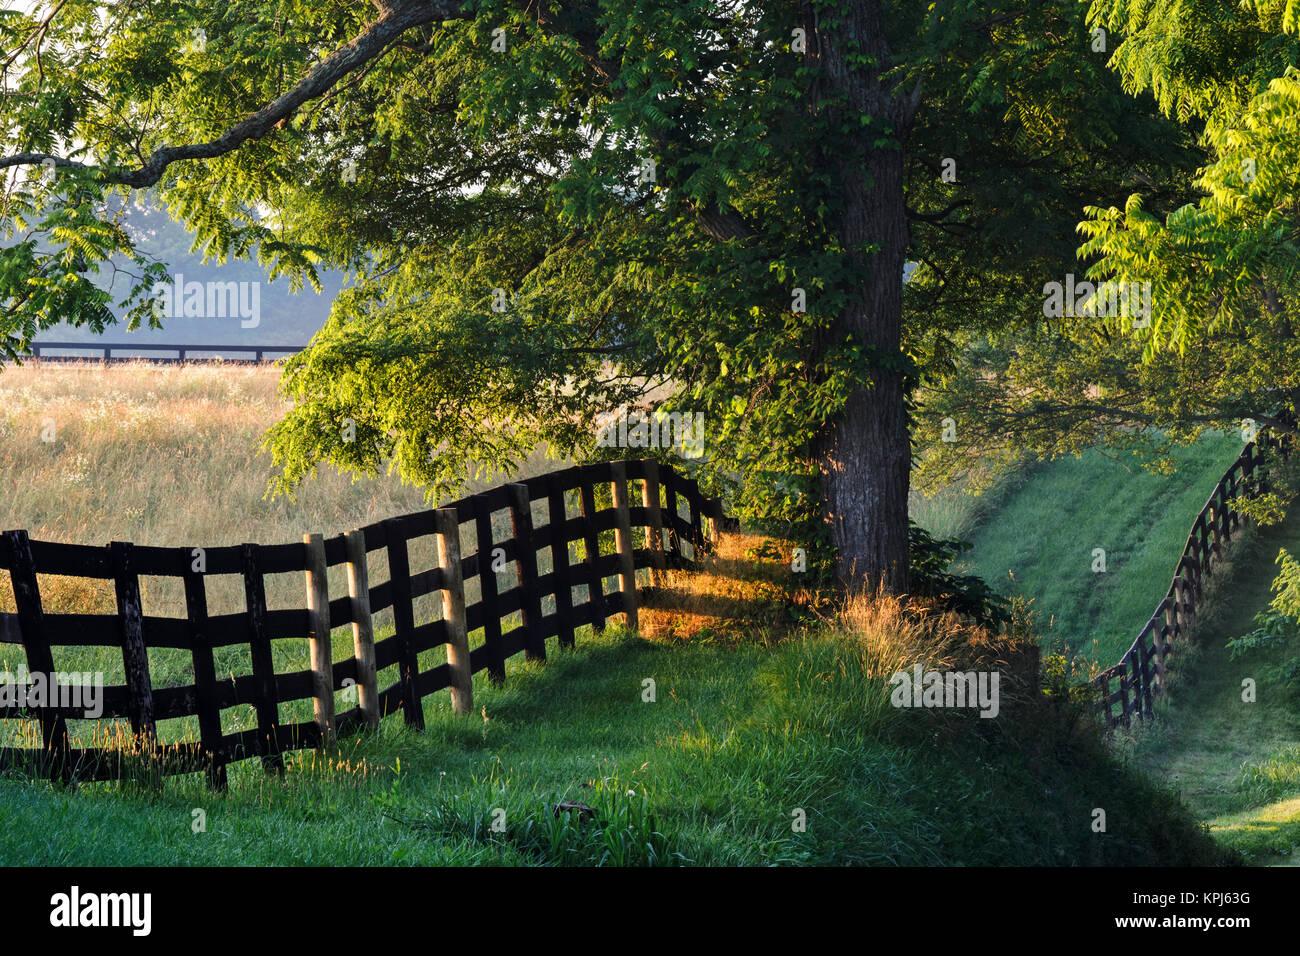 Amaneceres Al-amanecer-valla-de-granja-del-condado-de-oldham-kentucky-kpj63g